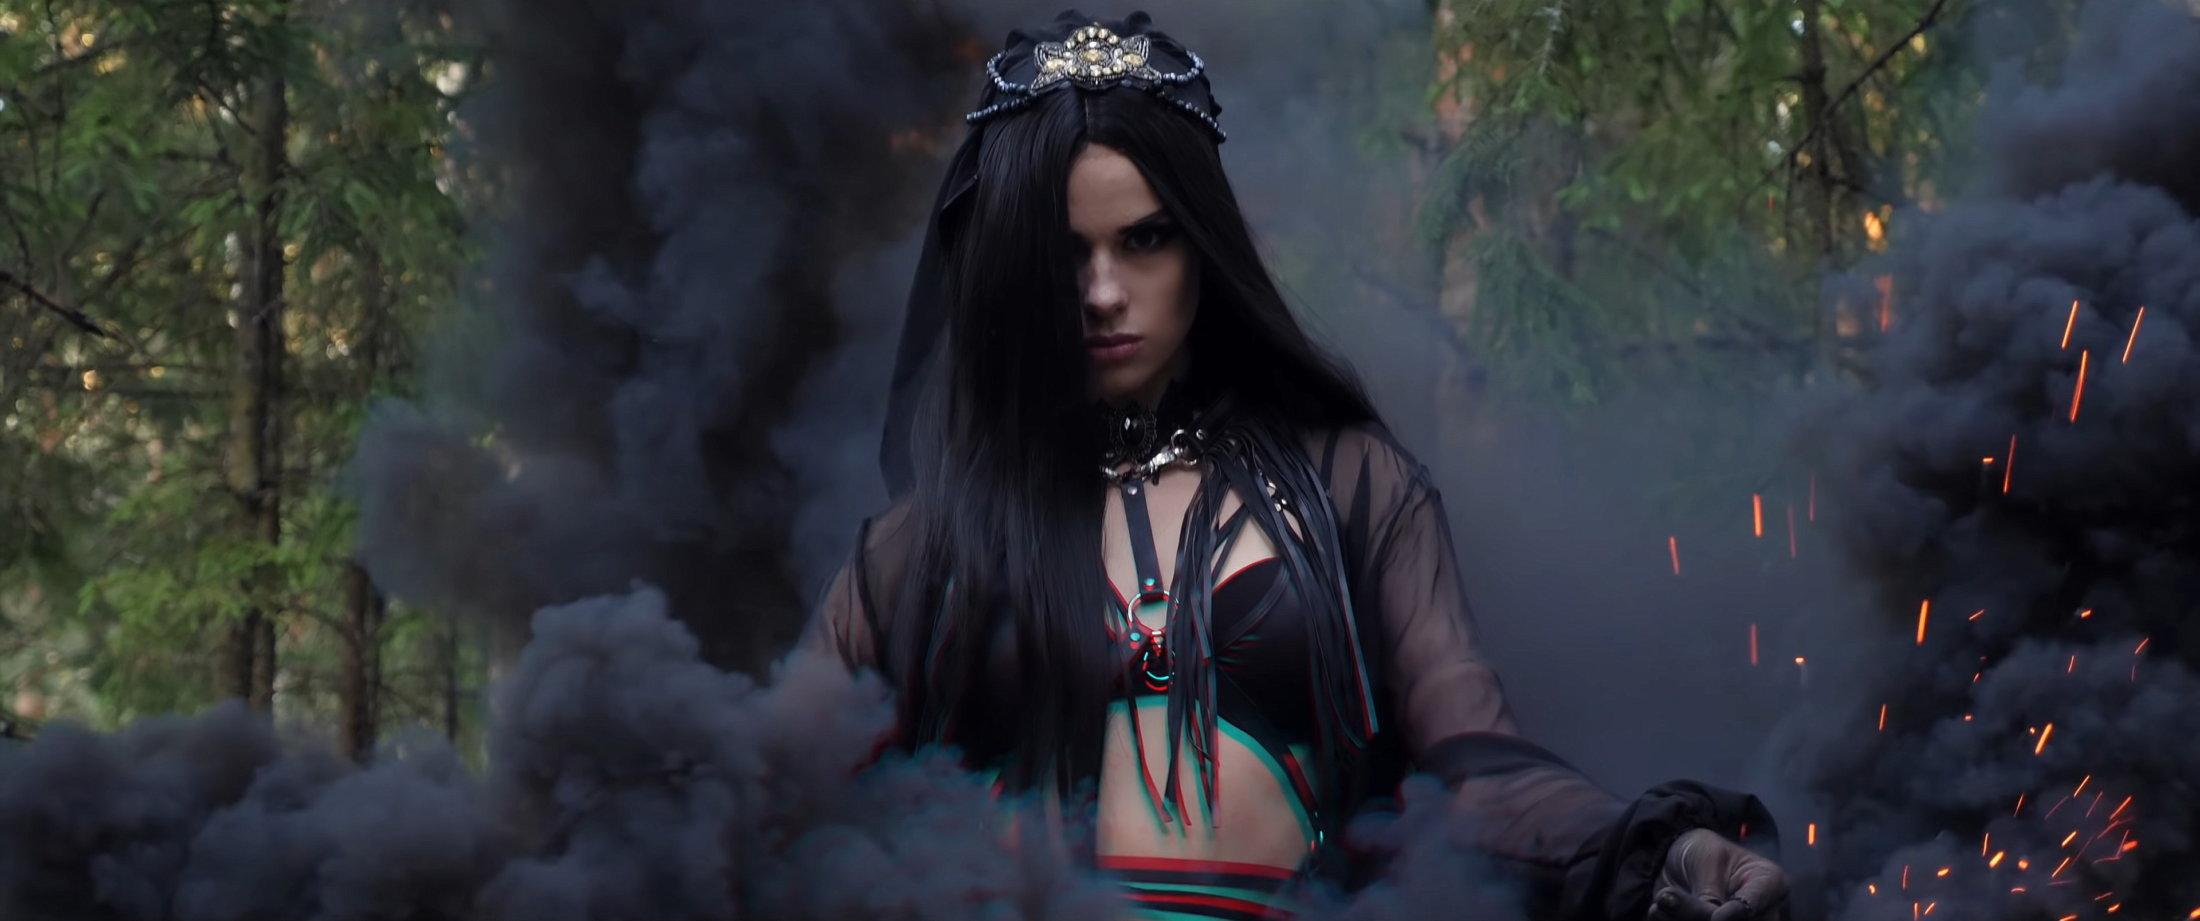 OMNIMAR - Feels Like Velvet (Official Video) 4-12 Screenshot